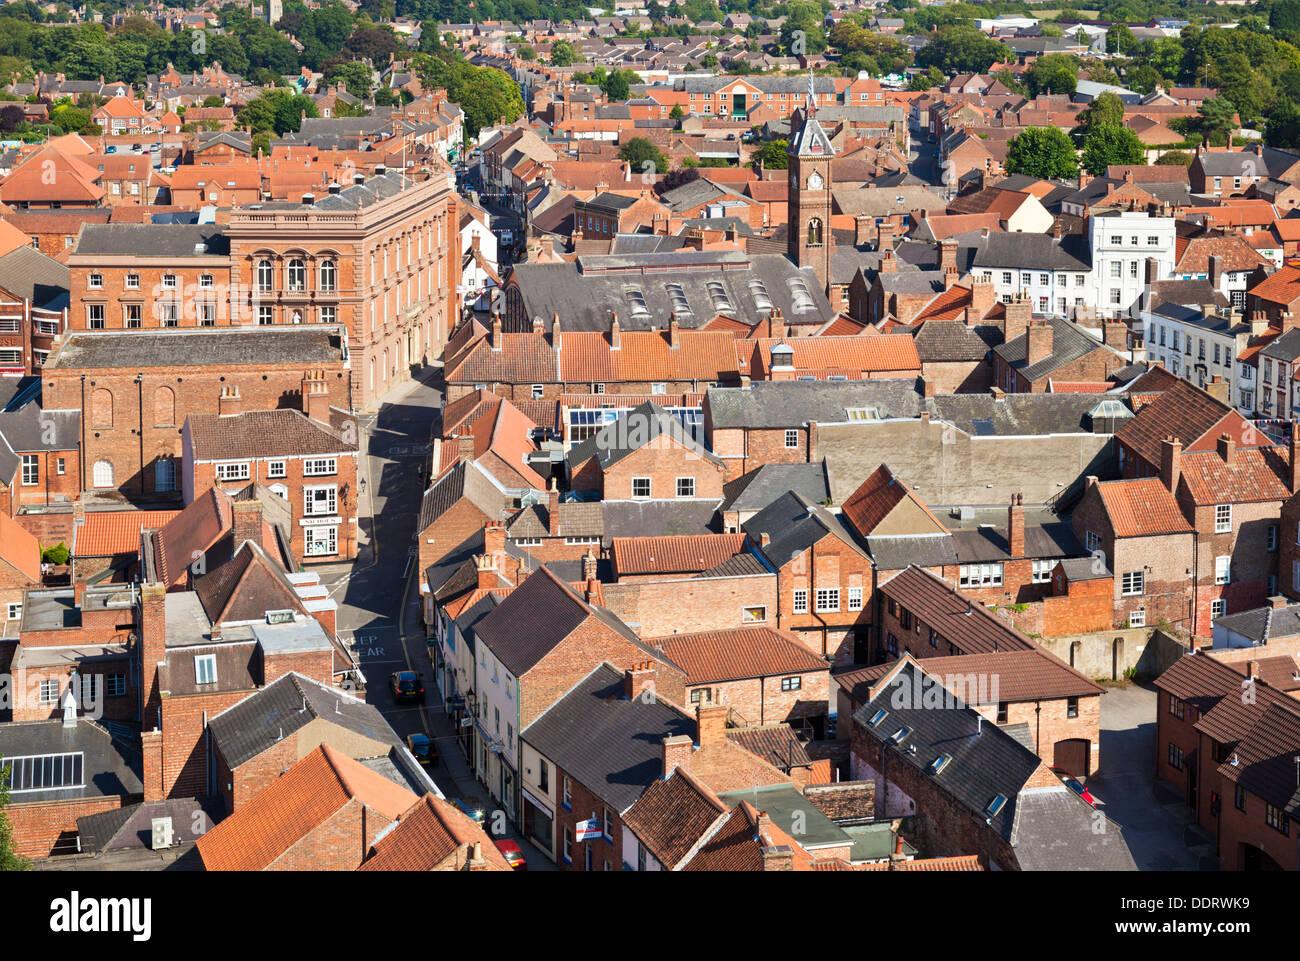 Vista aérea de las calles y casas de la pequeña localidad de Louth Lincolnshire Inglaterra GB Europa UE Imagen De Stock